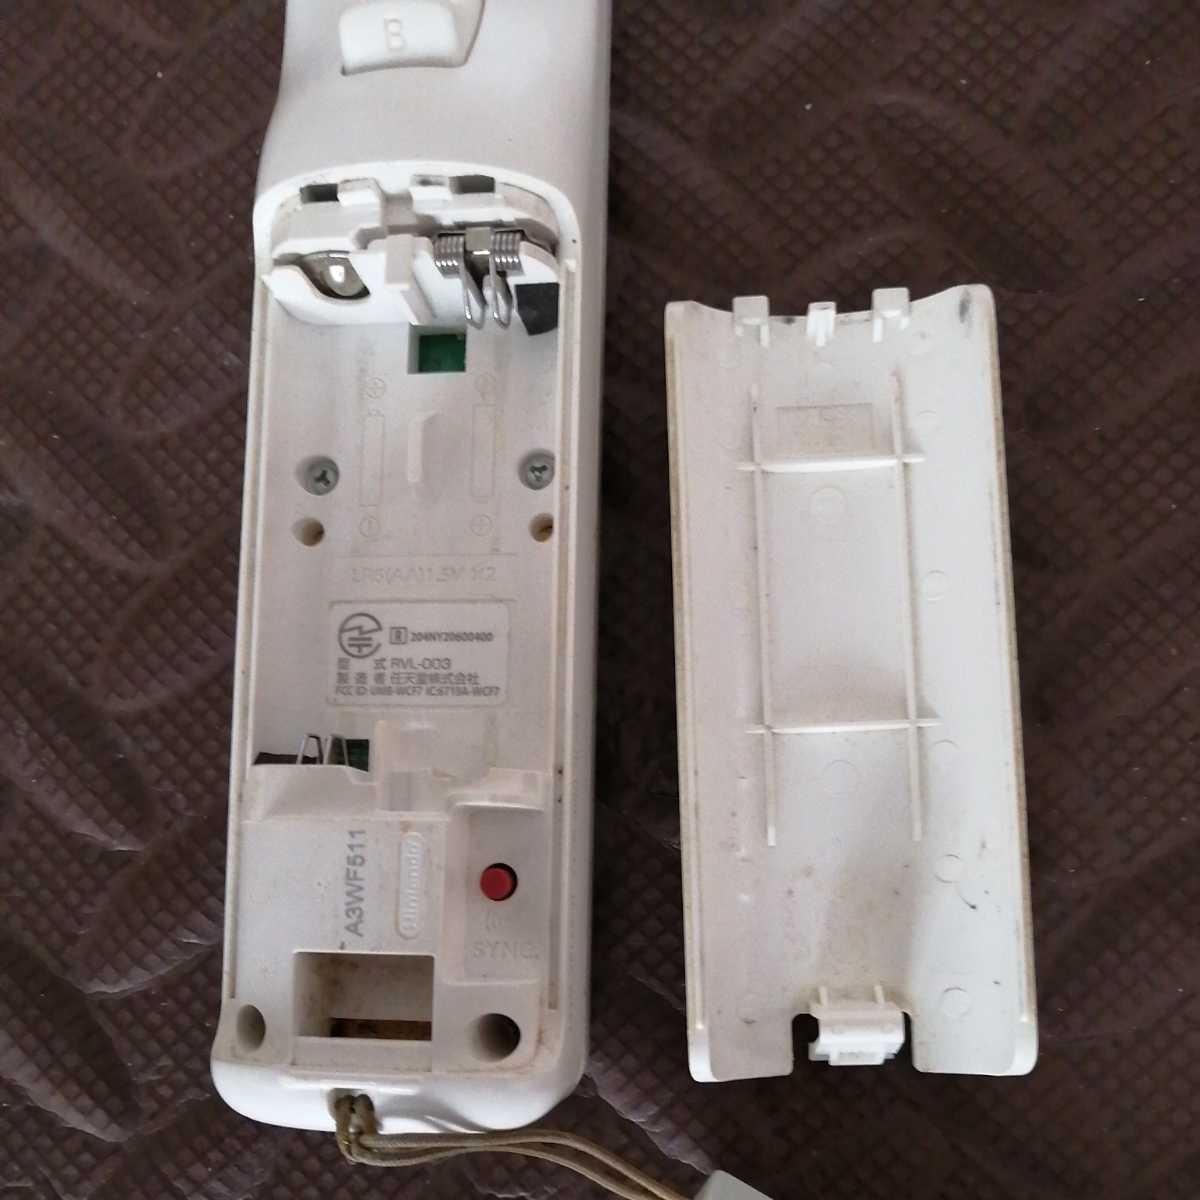 Wiiリモコン ヌンチャク セット白  送料無料 即決 動作確認済